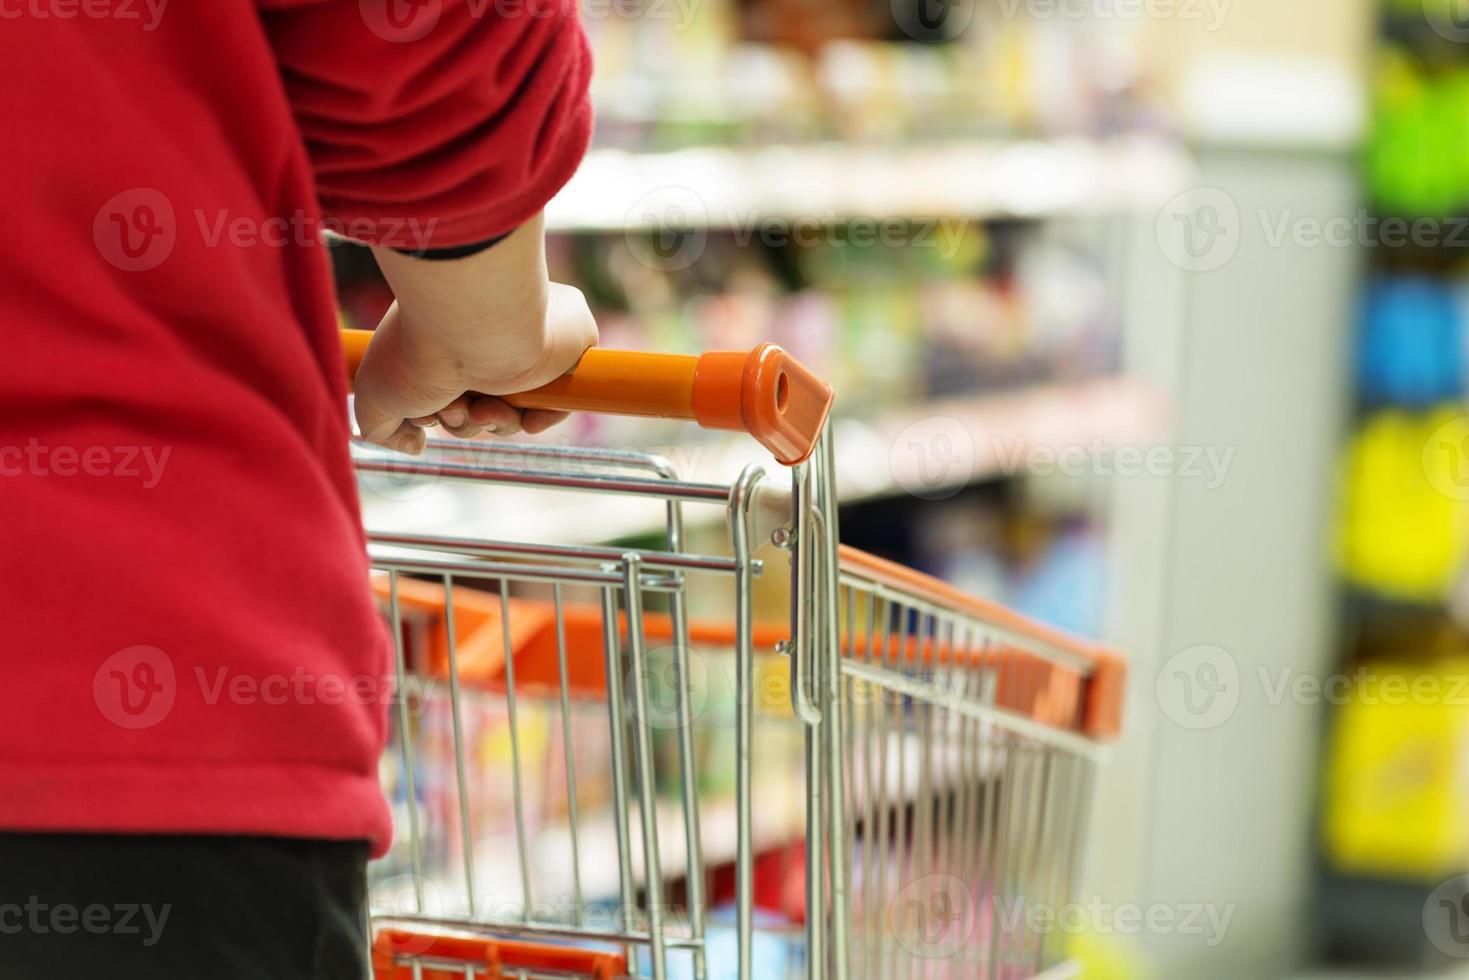 dame duwt een winkelwagentje in de supermarkt. foto